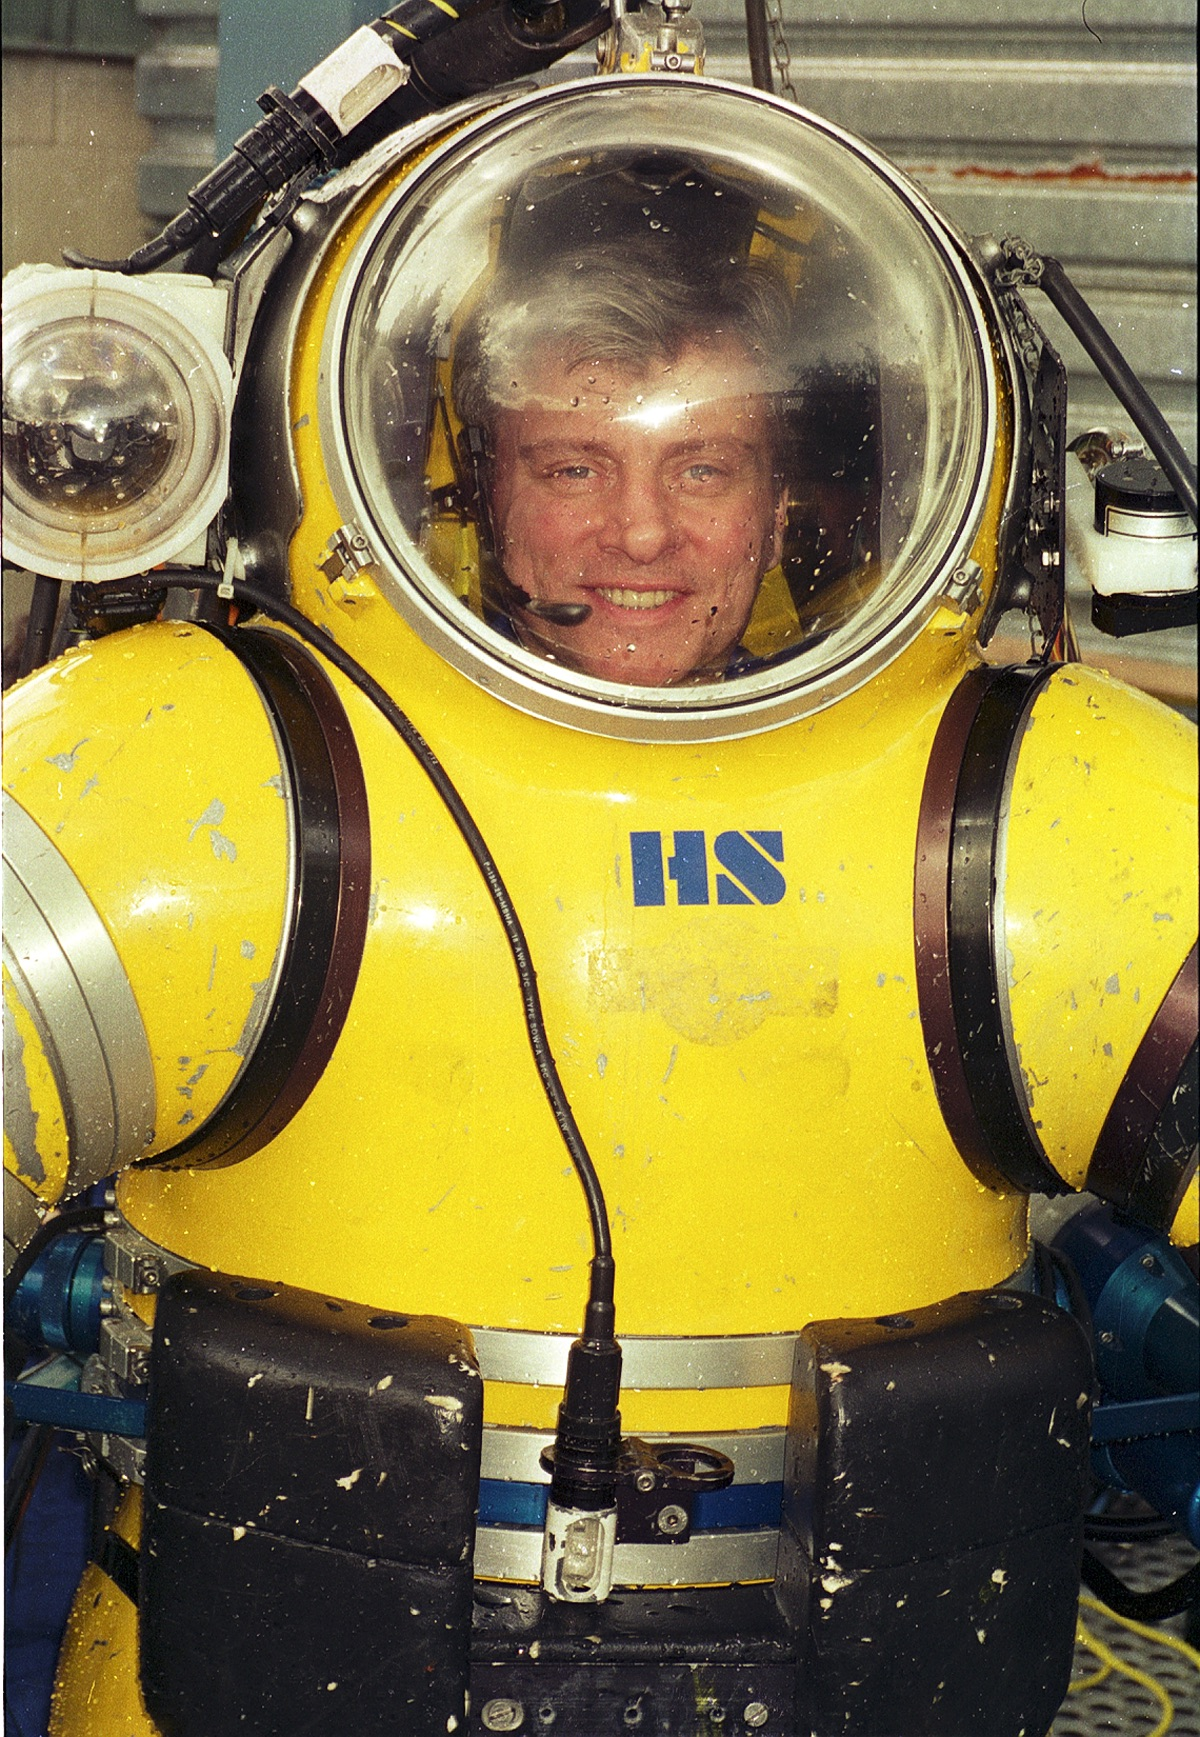 Phil Nuytten in wet suit, c. 1990s. INSERT PHOTO CREDIT